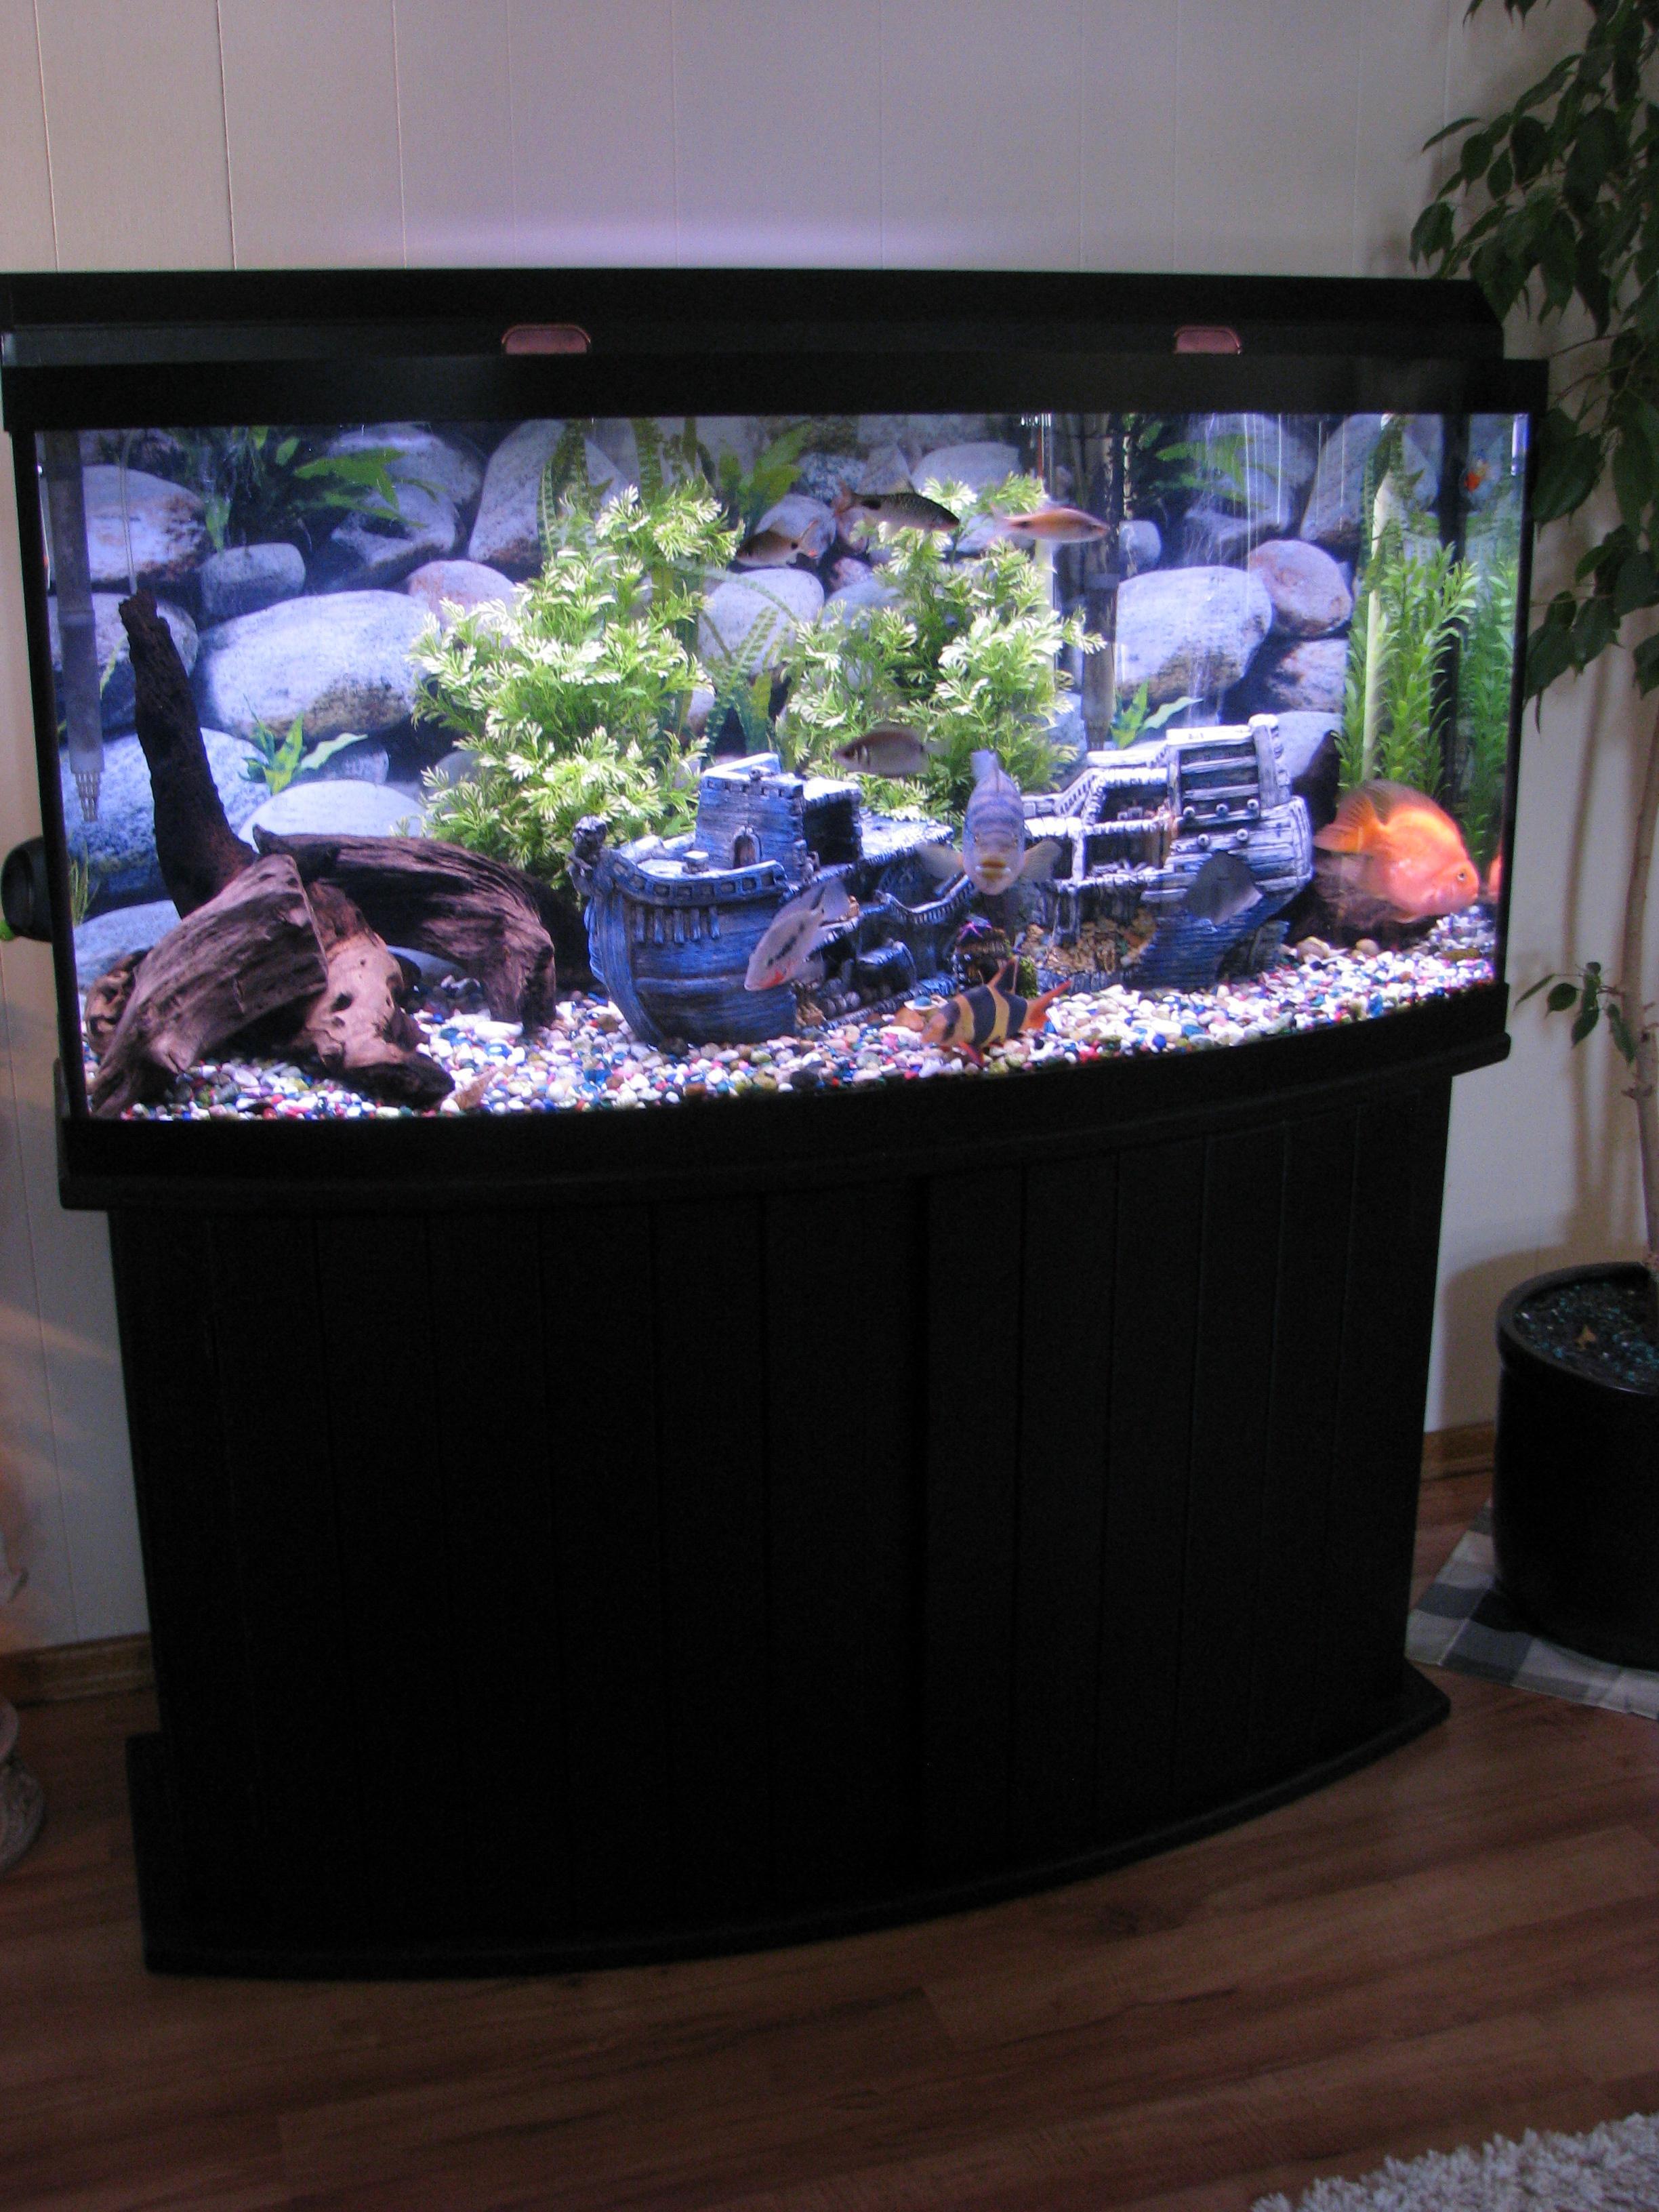 Cichlids 72 Gallon Bow Front Tank & 72 Gallon Bow Front Aquarium For Sale - 1000+ Aquarium Ideas